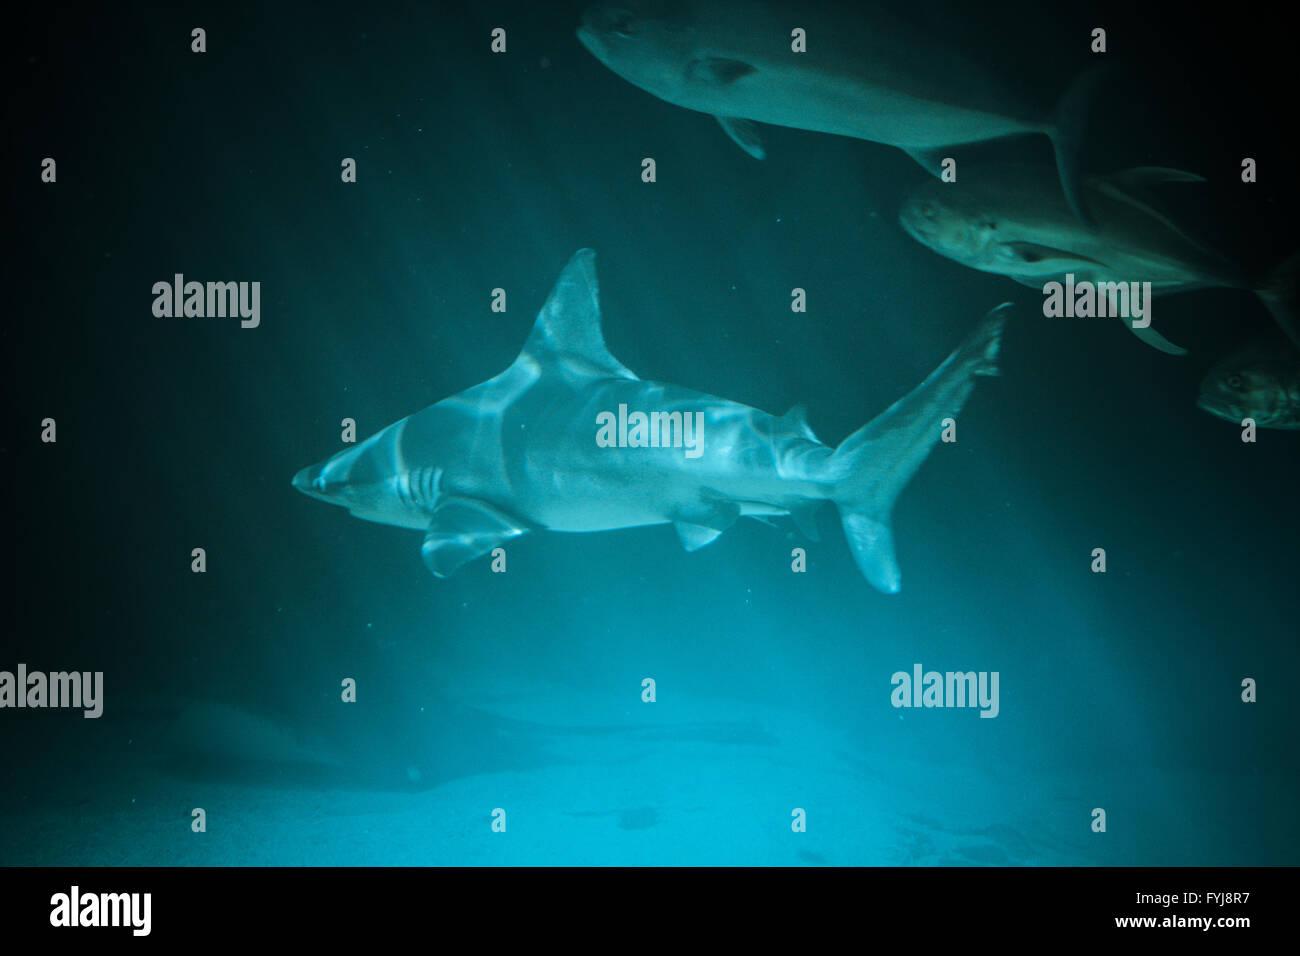 Grande squalo fotografia subacquea nel profondo blu dell'acqua. Immagini Stock